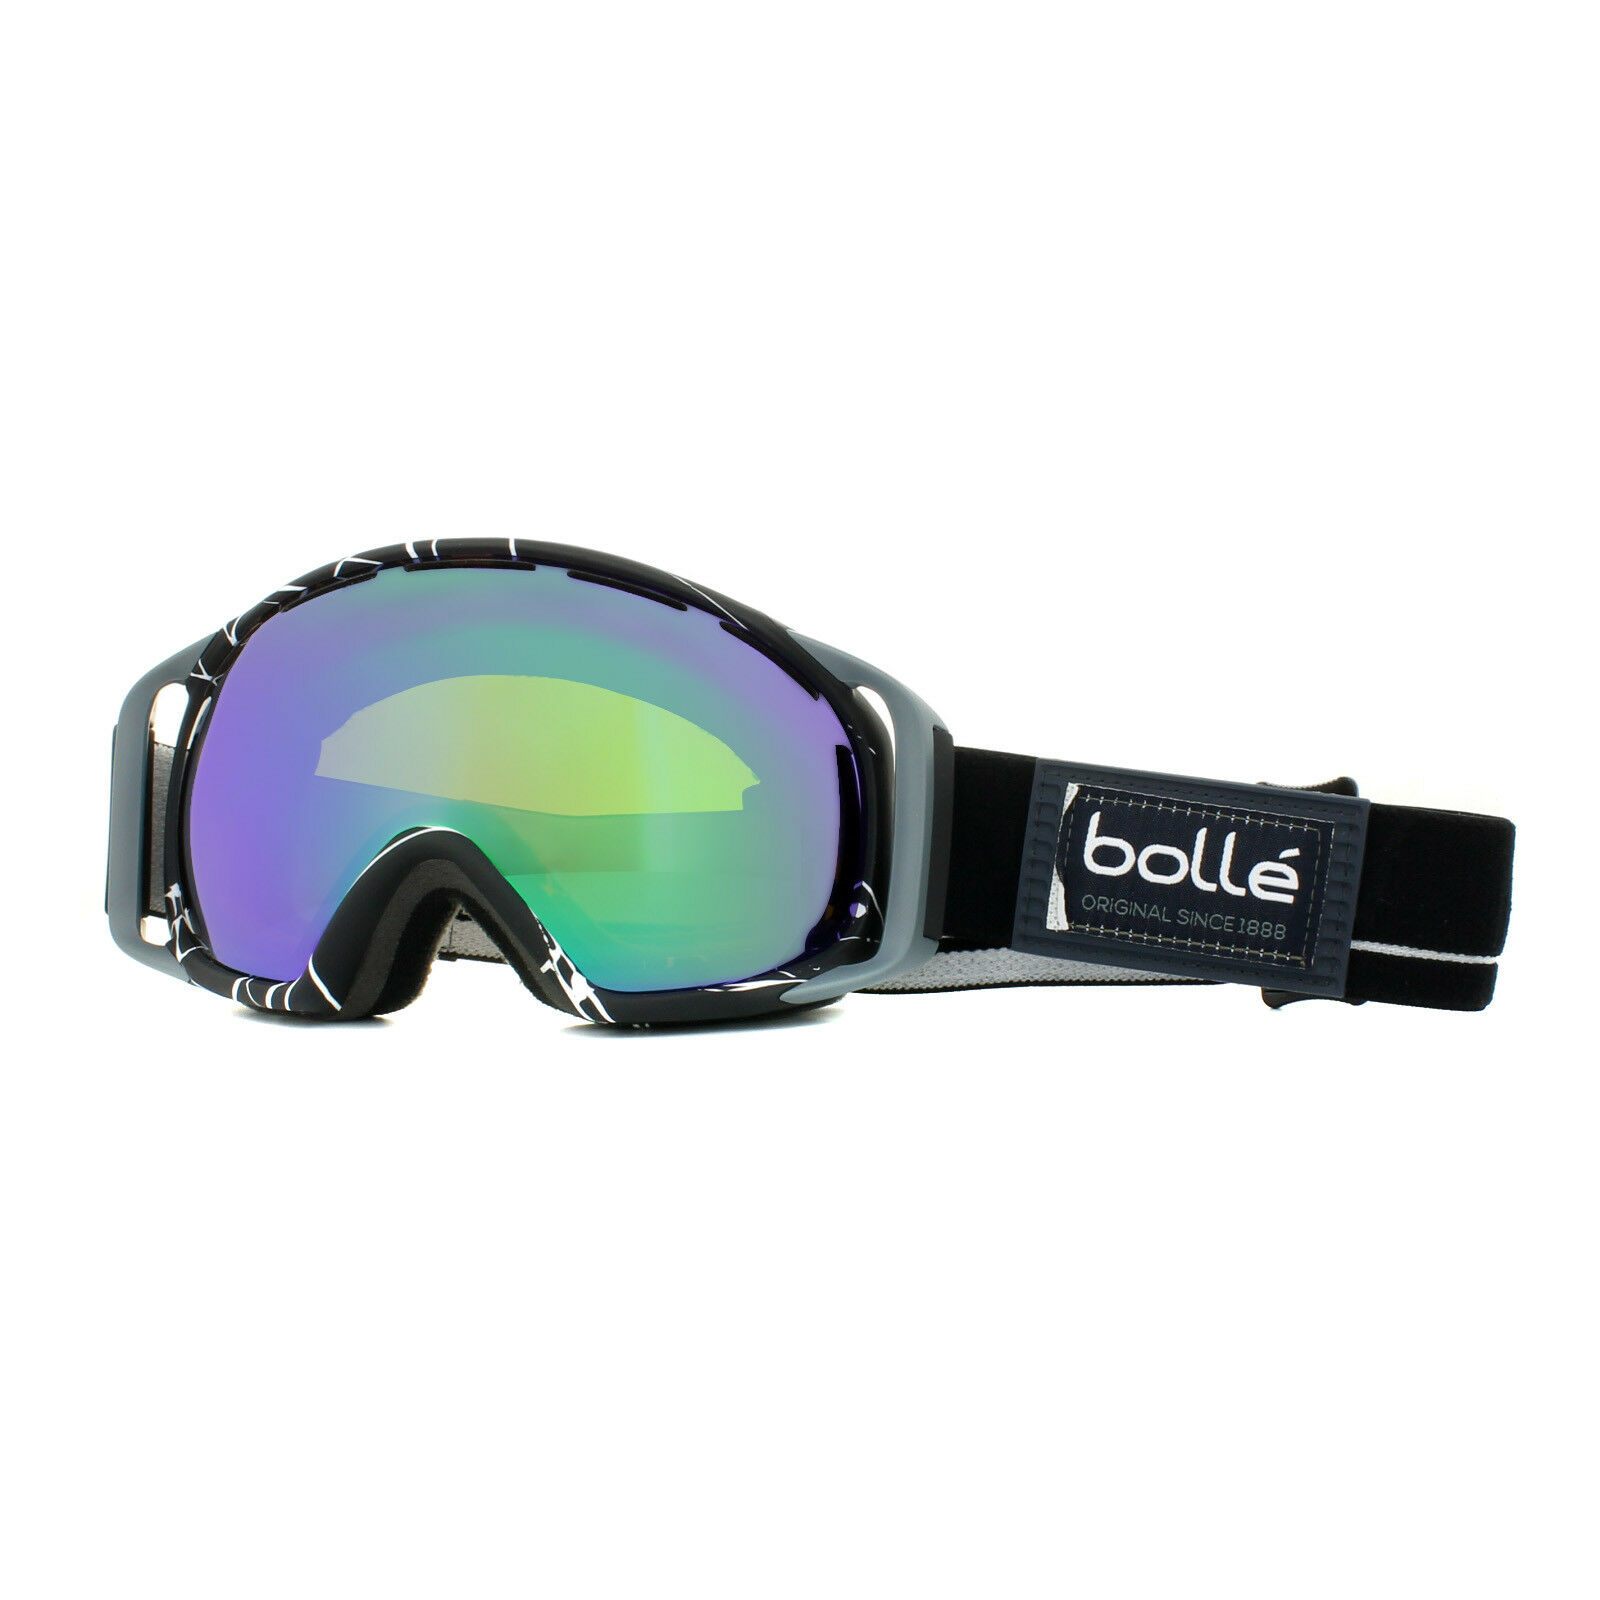 Bolle Skibrille Gravity 21457 Schwarz & Weiß Grün Smaragd